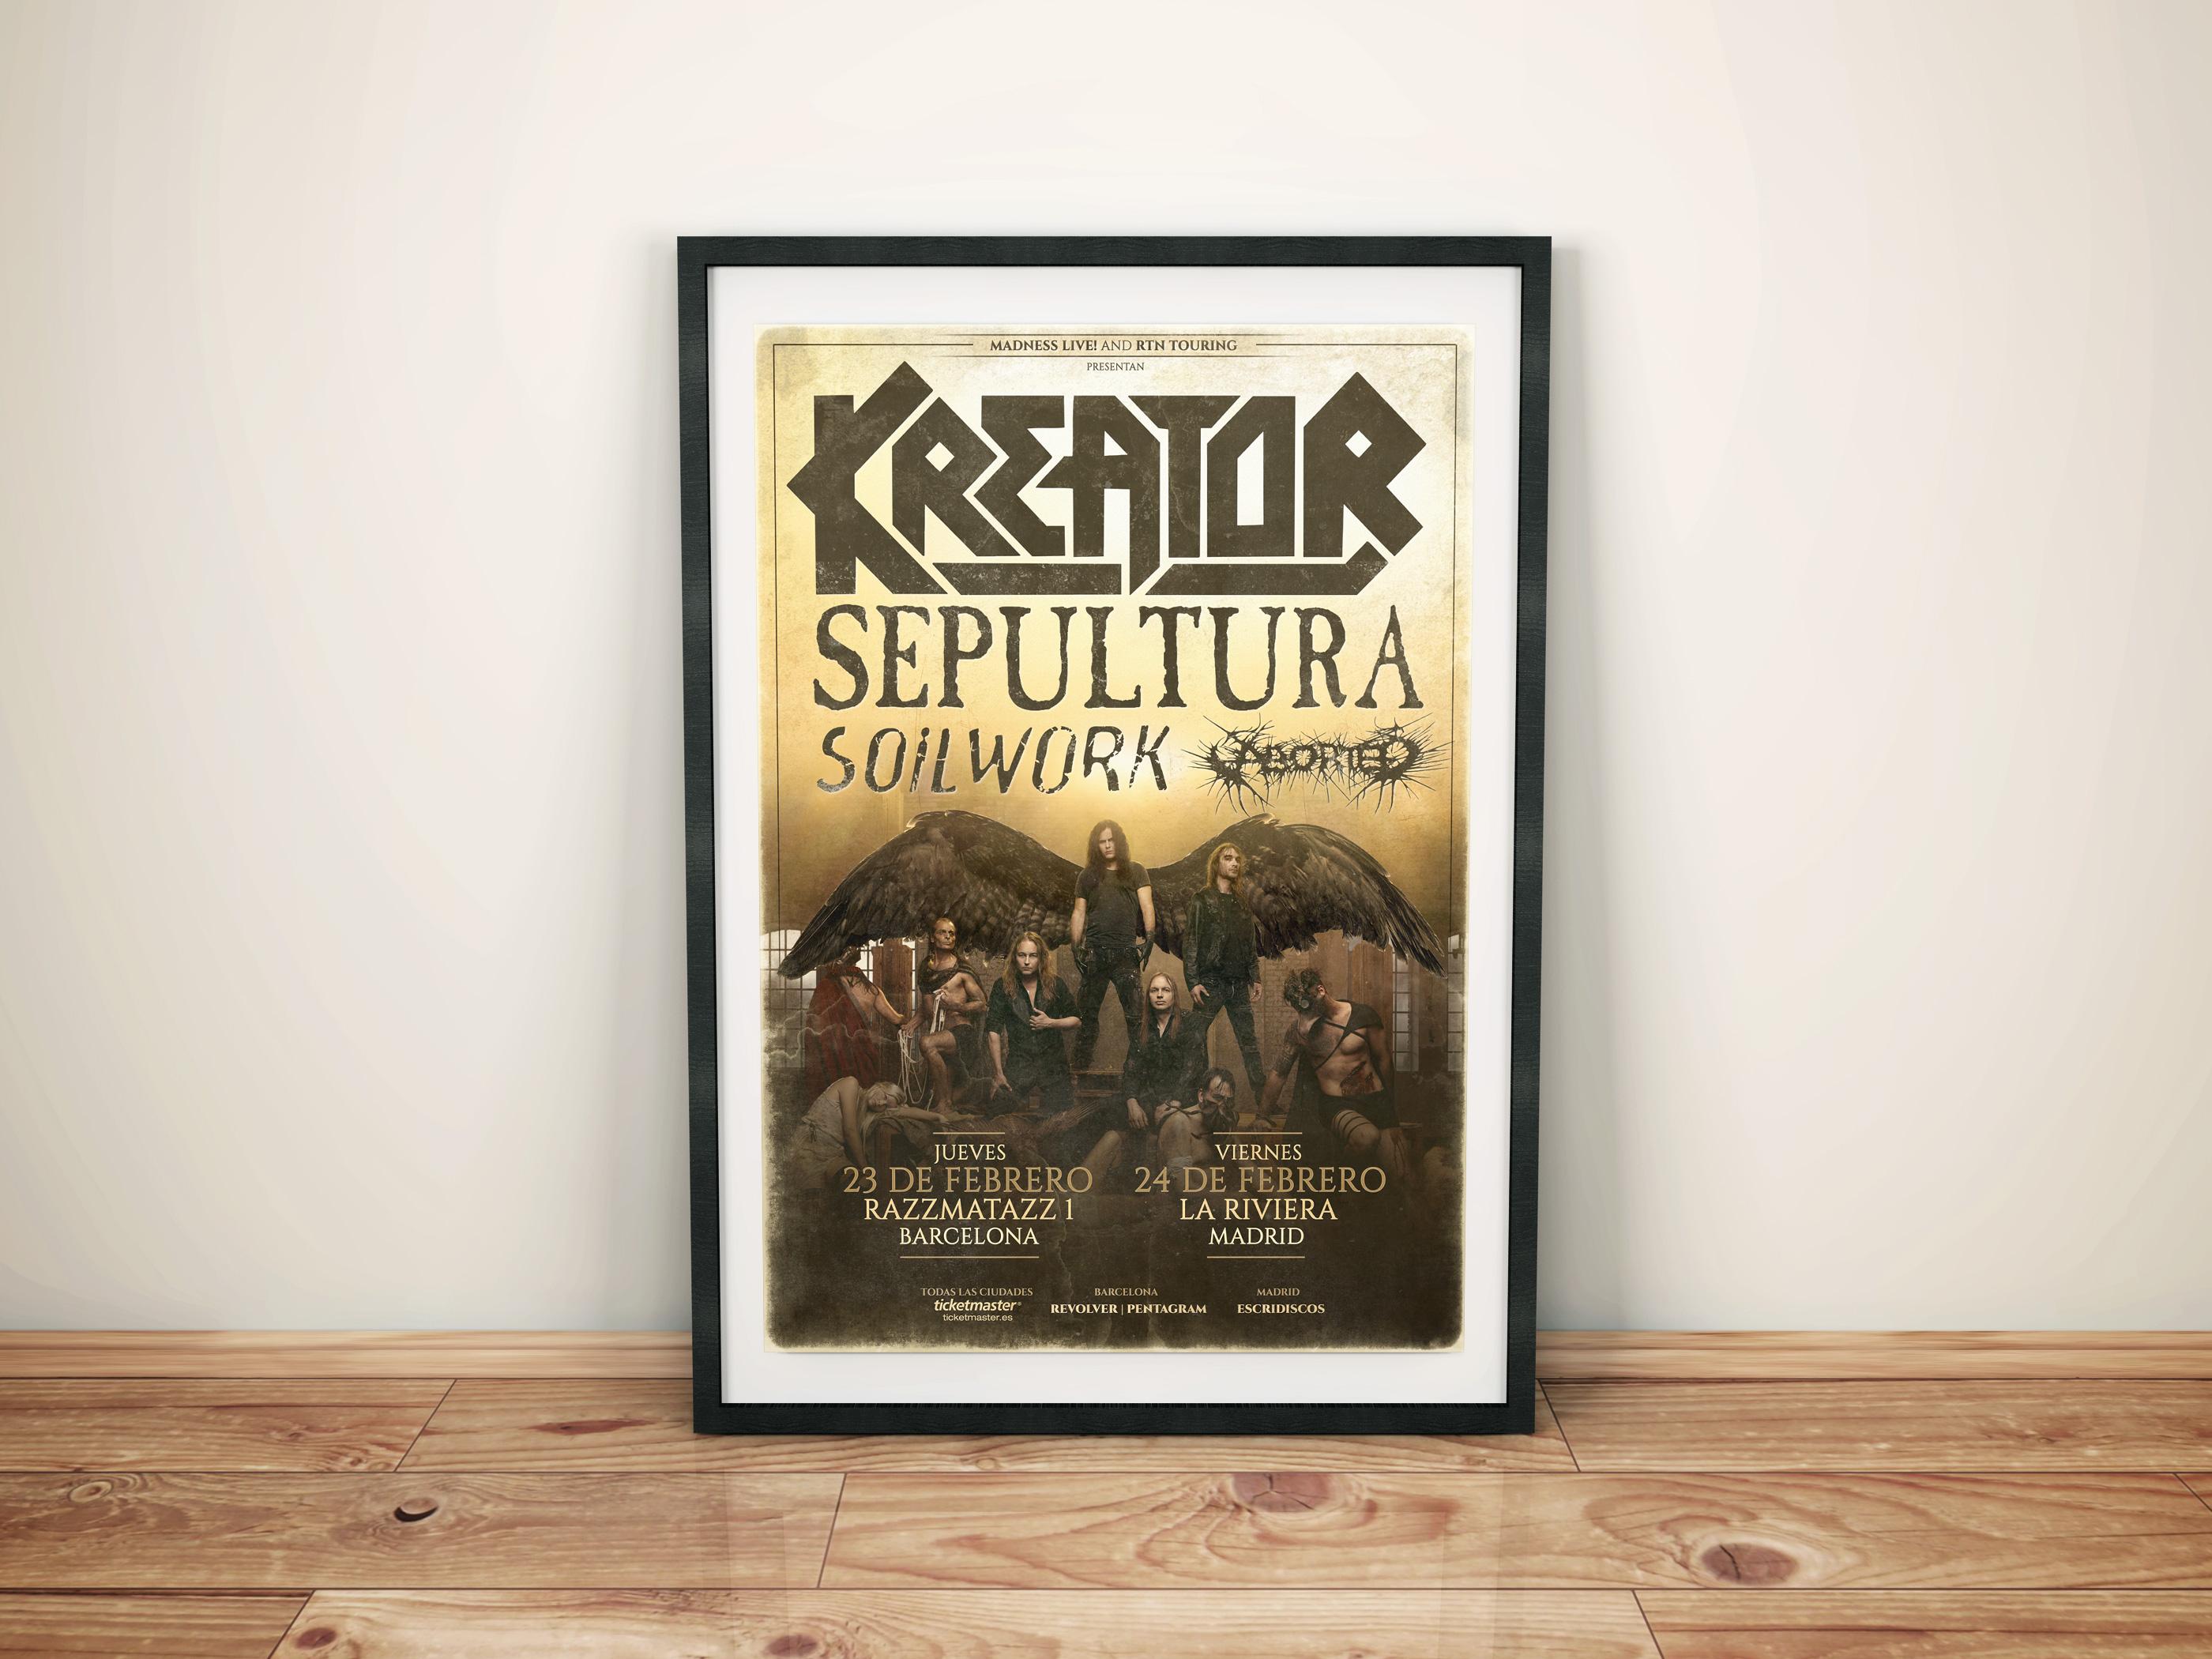 poster_kreator_2017